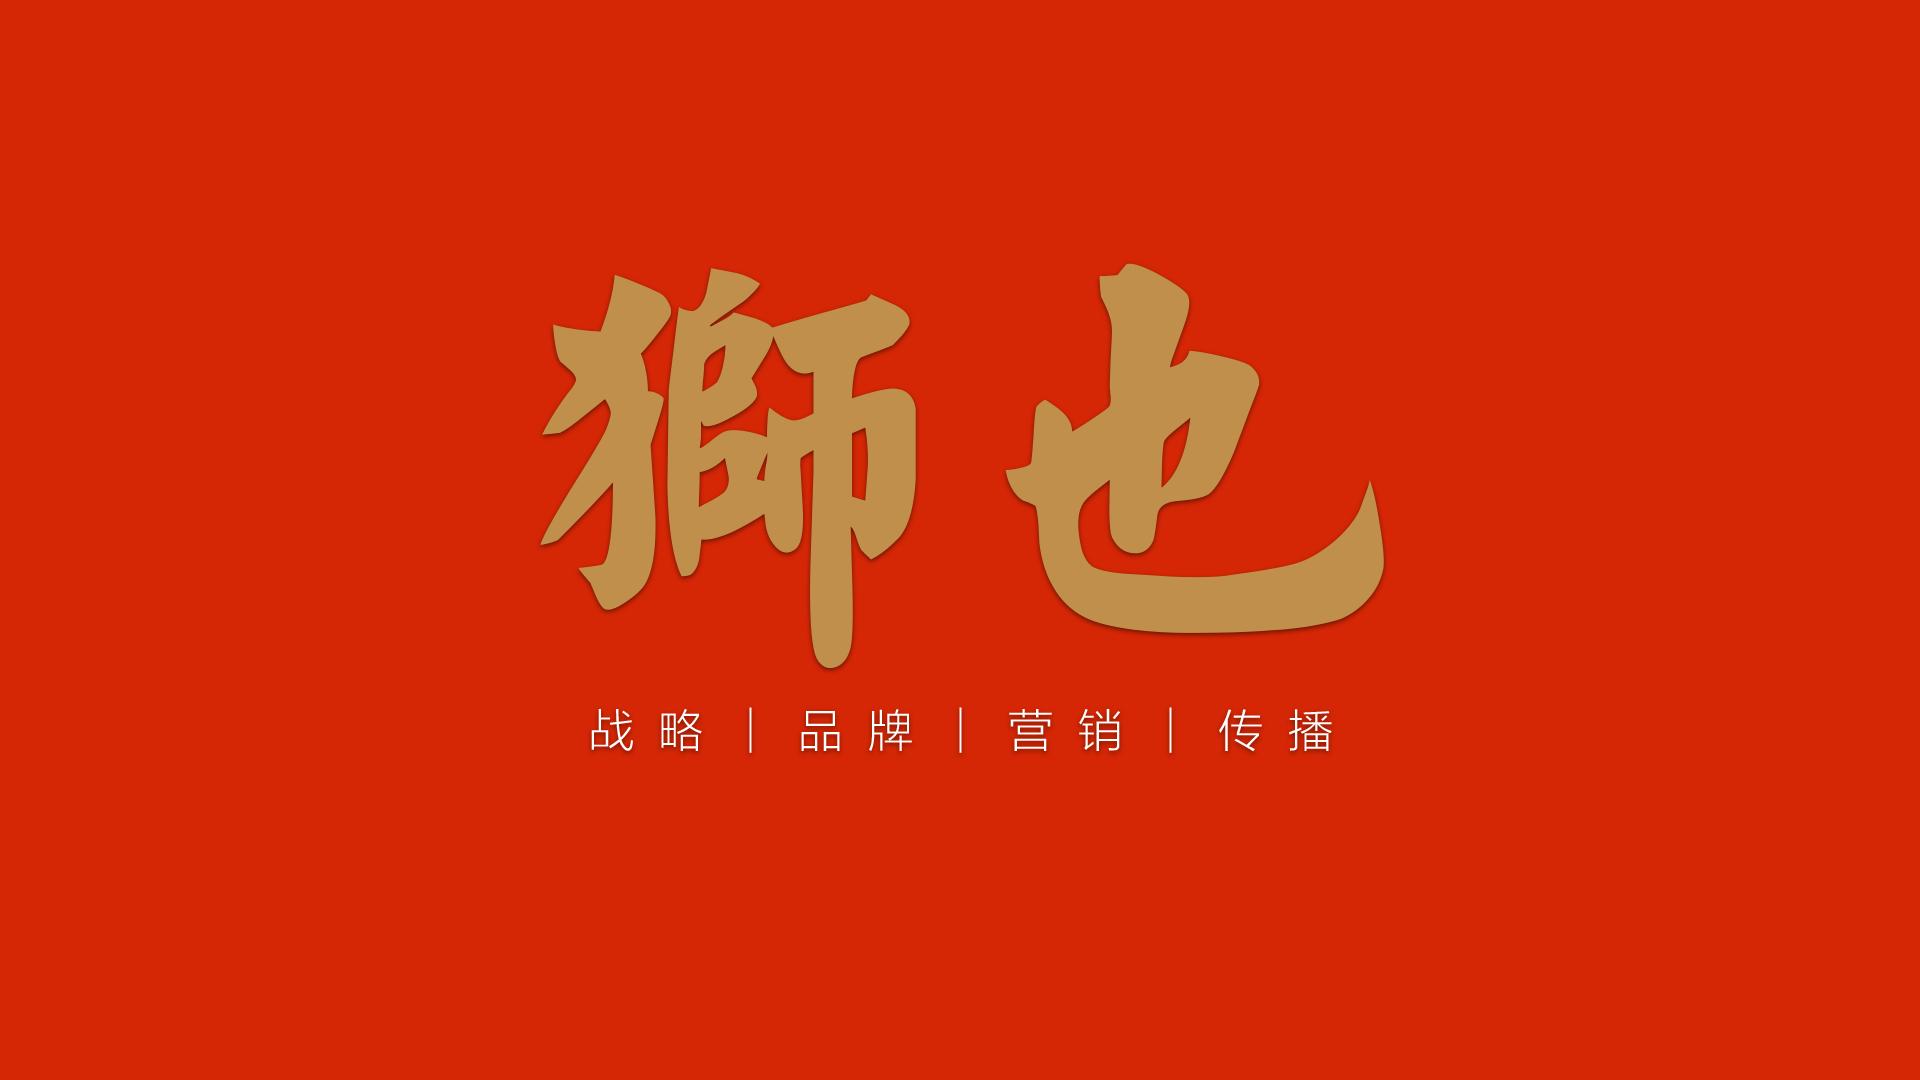 上海营销策划公司—如何建立社群 如何评价一个社群的好坏(下)